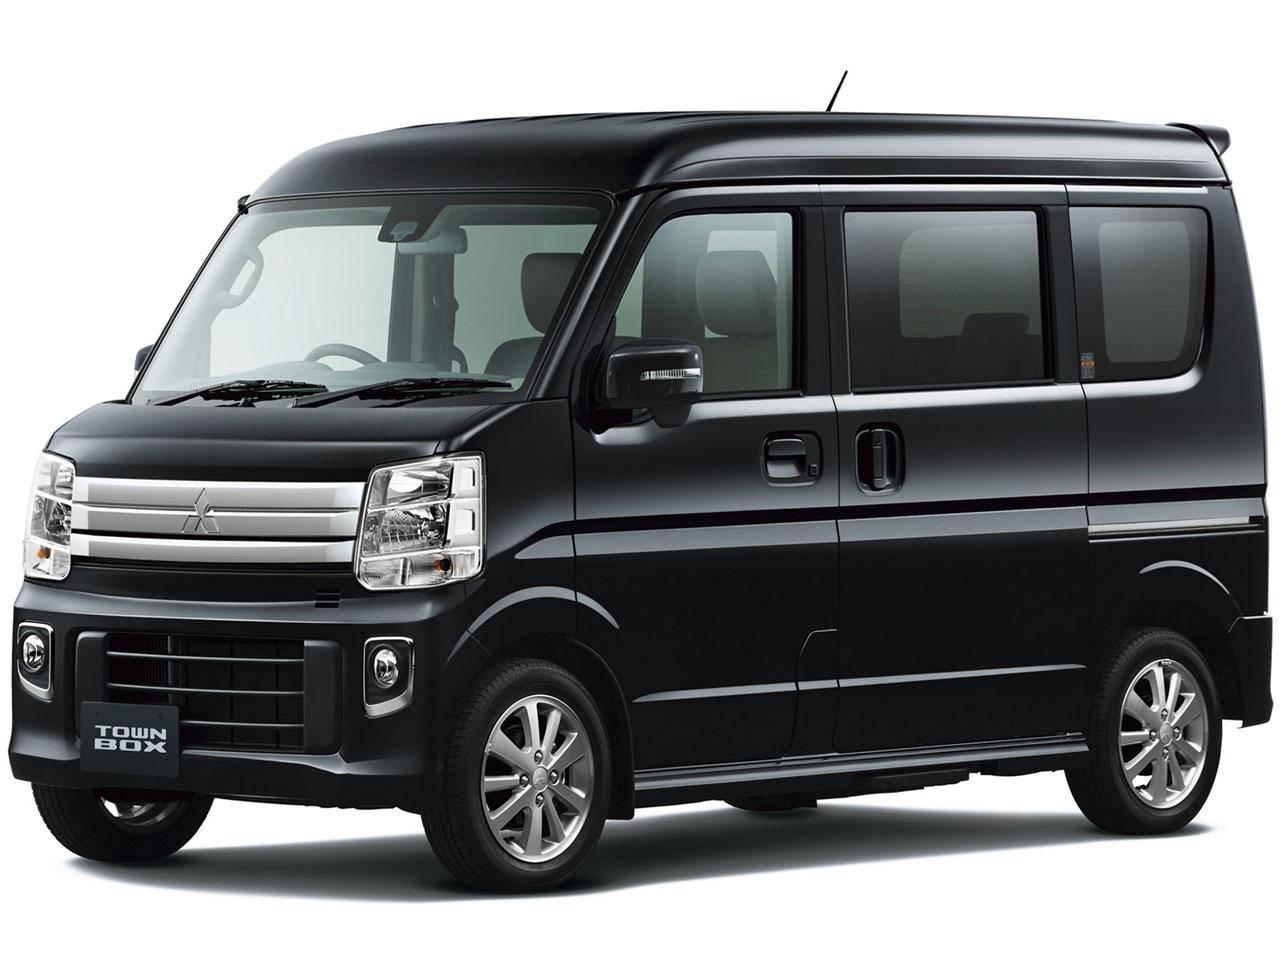 三菱 タウンボックス 2015年モデル 新車画像